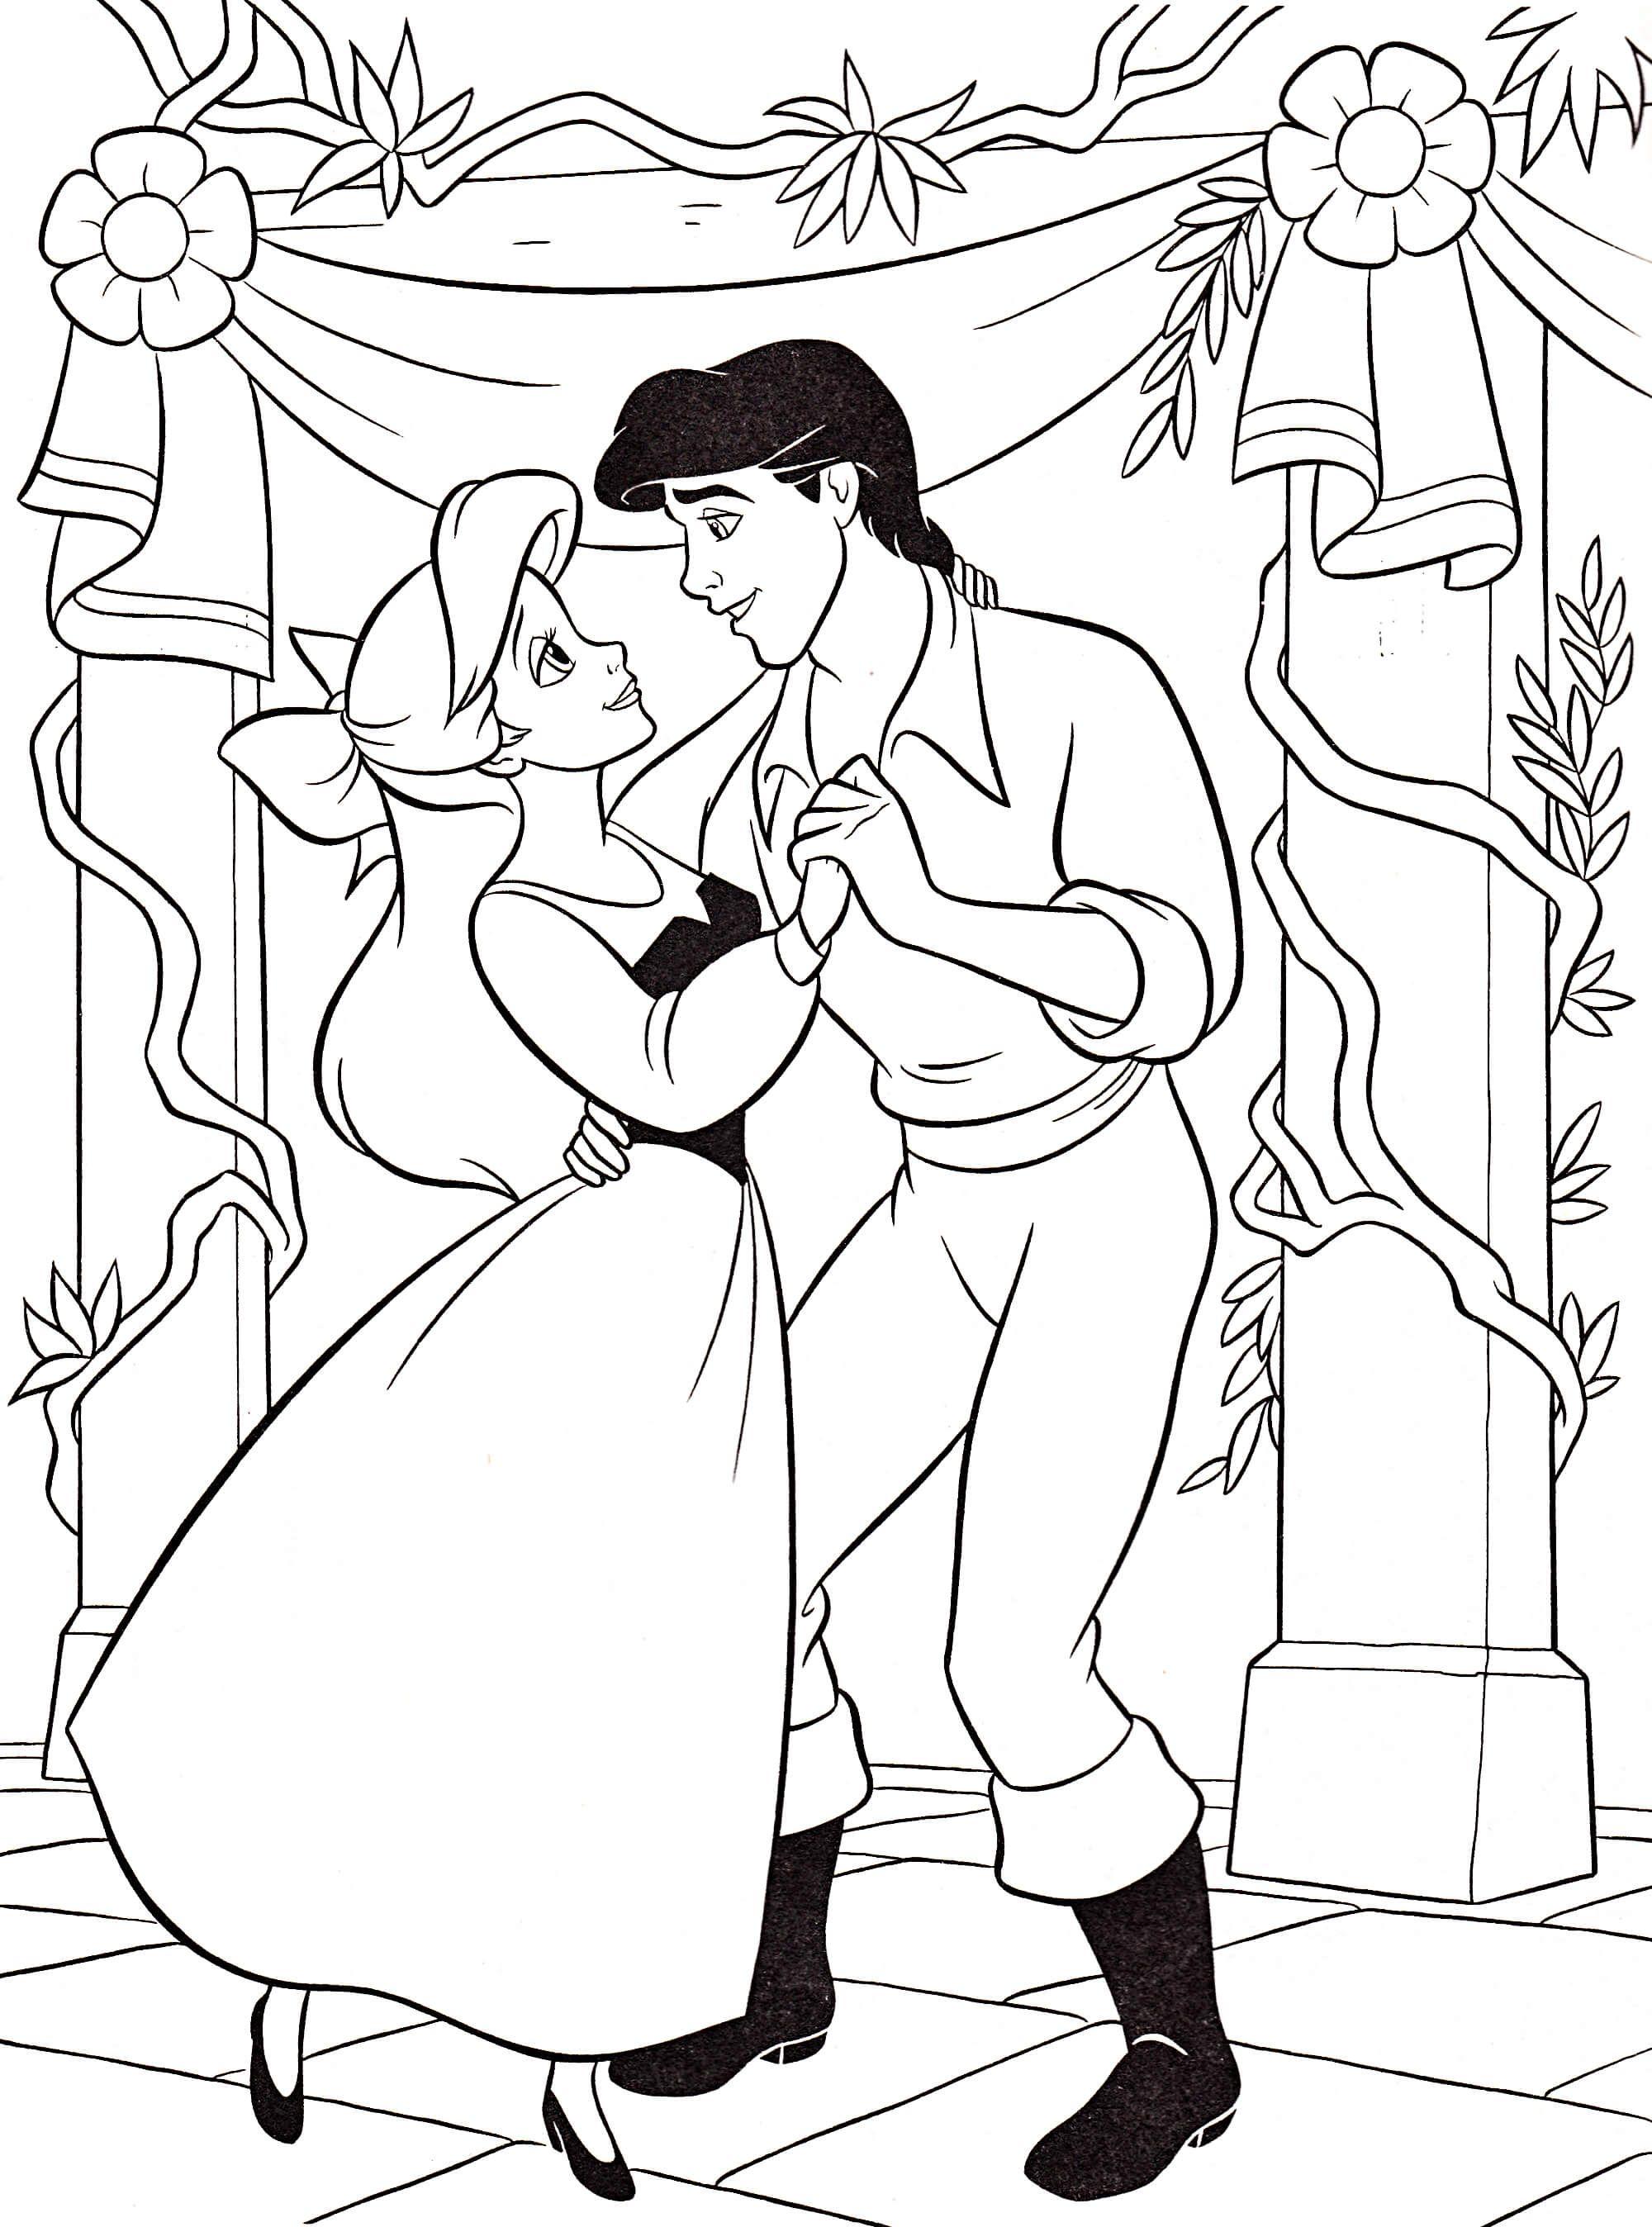 Disney Ariel Coloring Pages Max Coloring Prinses Kleurplaatjes De Kleine Zeemeermin Kleurplaten